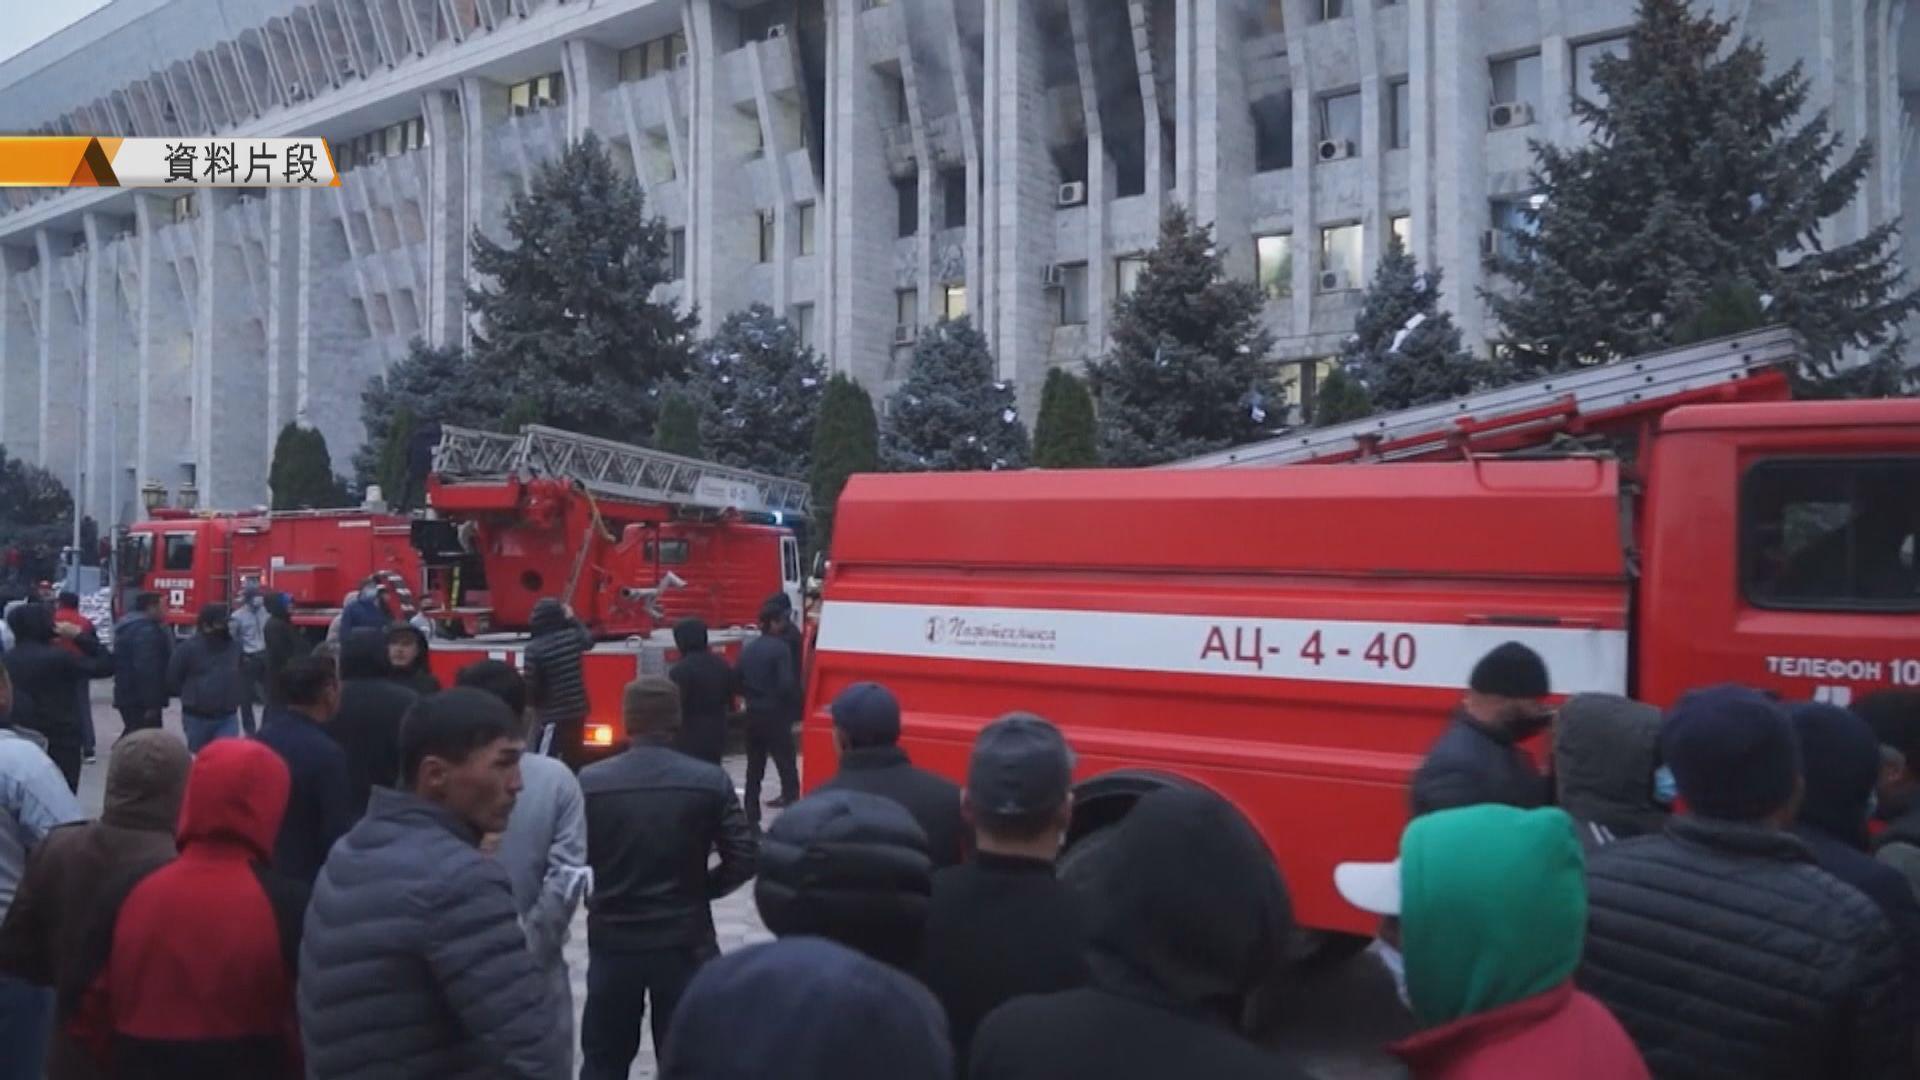 吉爾吉斯抗議國會選舉舞弊示威持續 總理和國會議長辭職